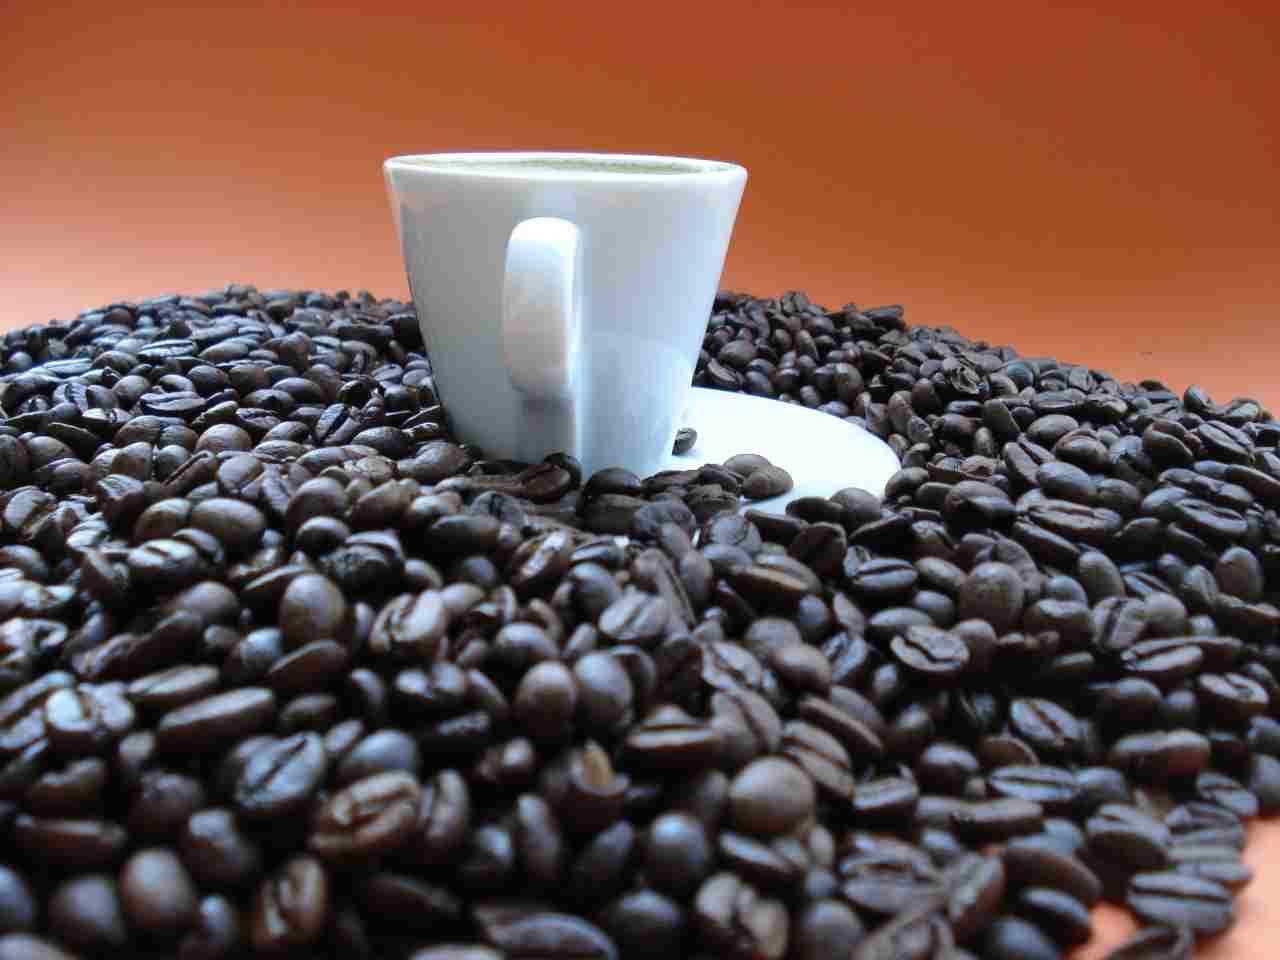 Arriva il caffè sintetico buono come quello vero (Adobe Stock)